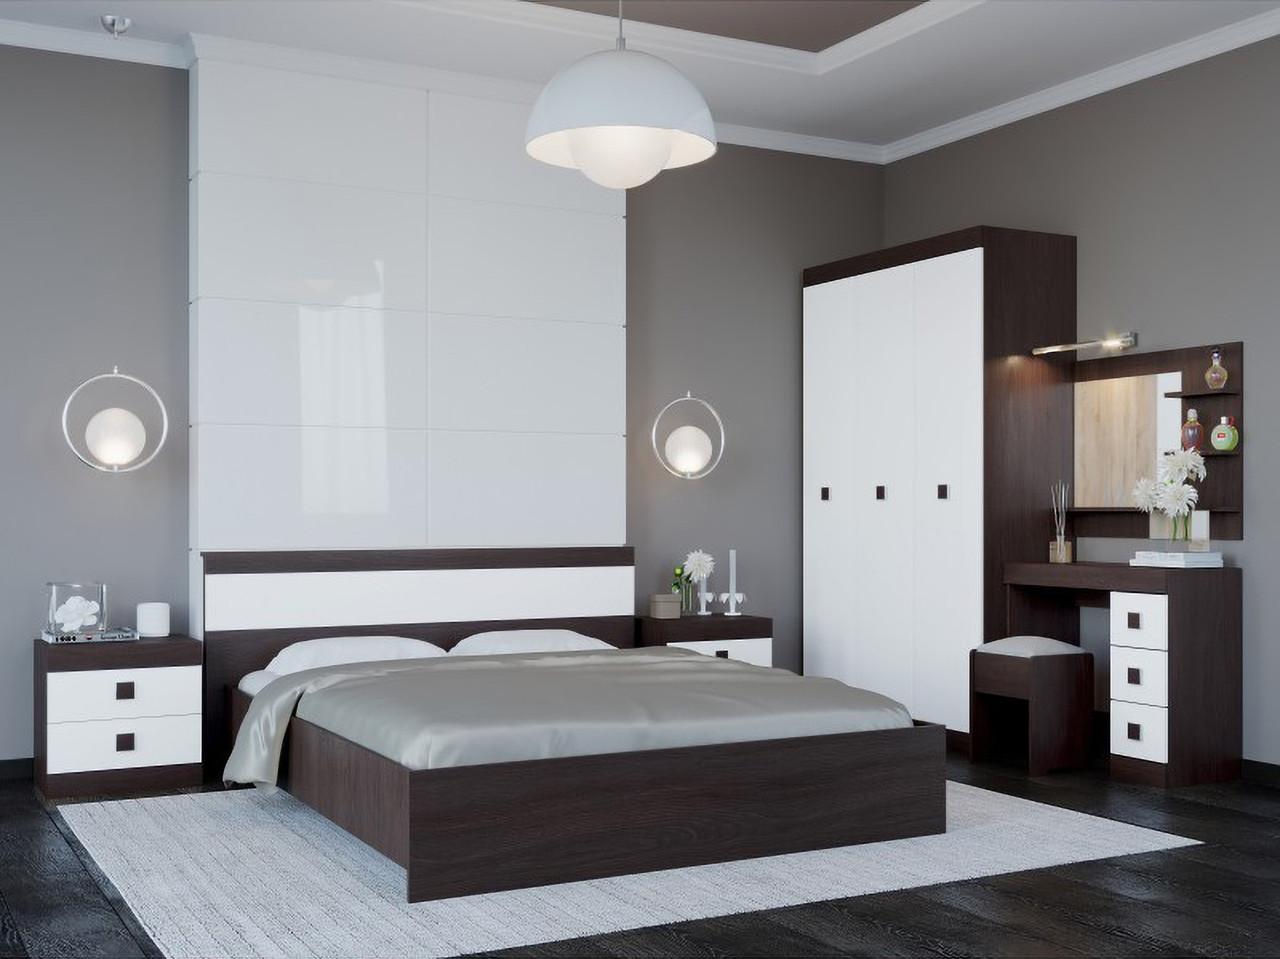 Спальня комплект 4 ЭВЕРЕСТ Дуб сонома + Белый, фото 2